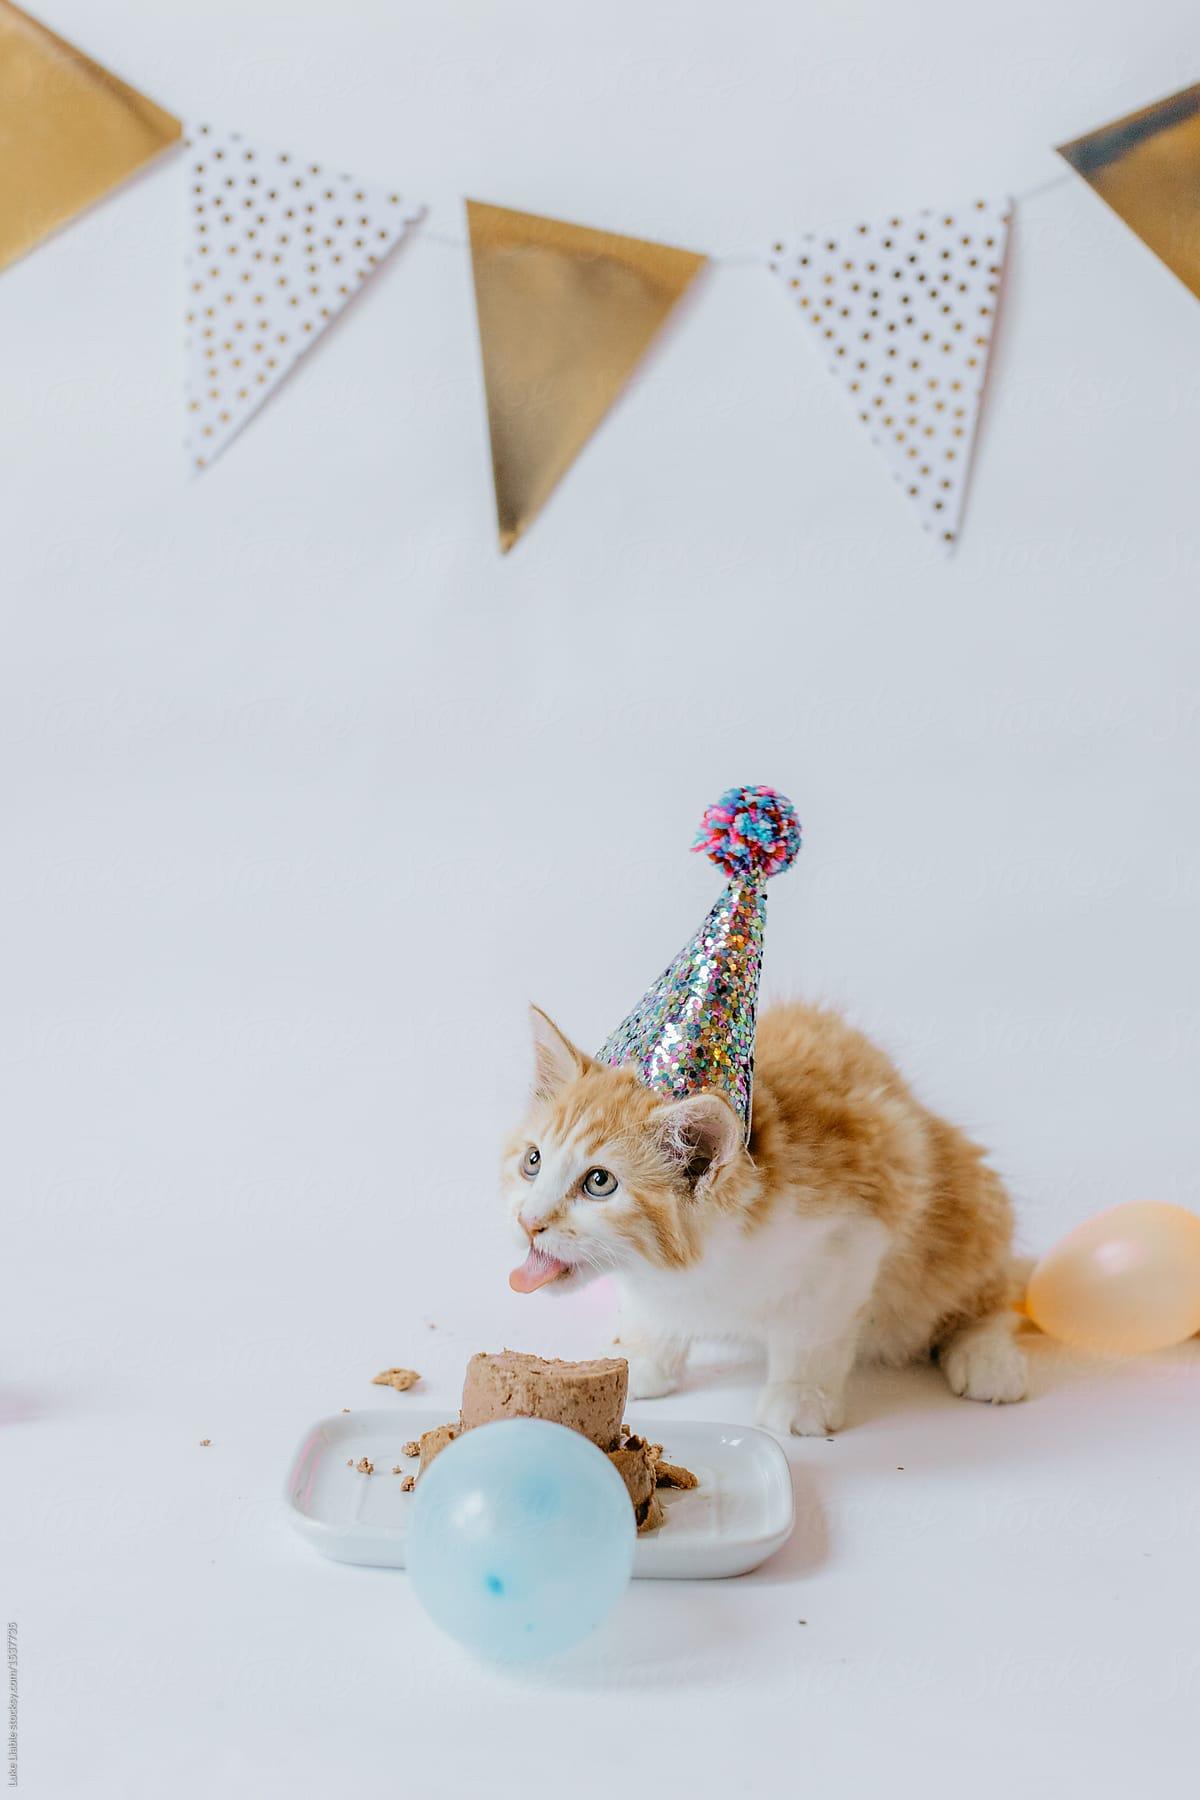 Birthday Cake For Kitten Stocksy United